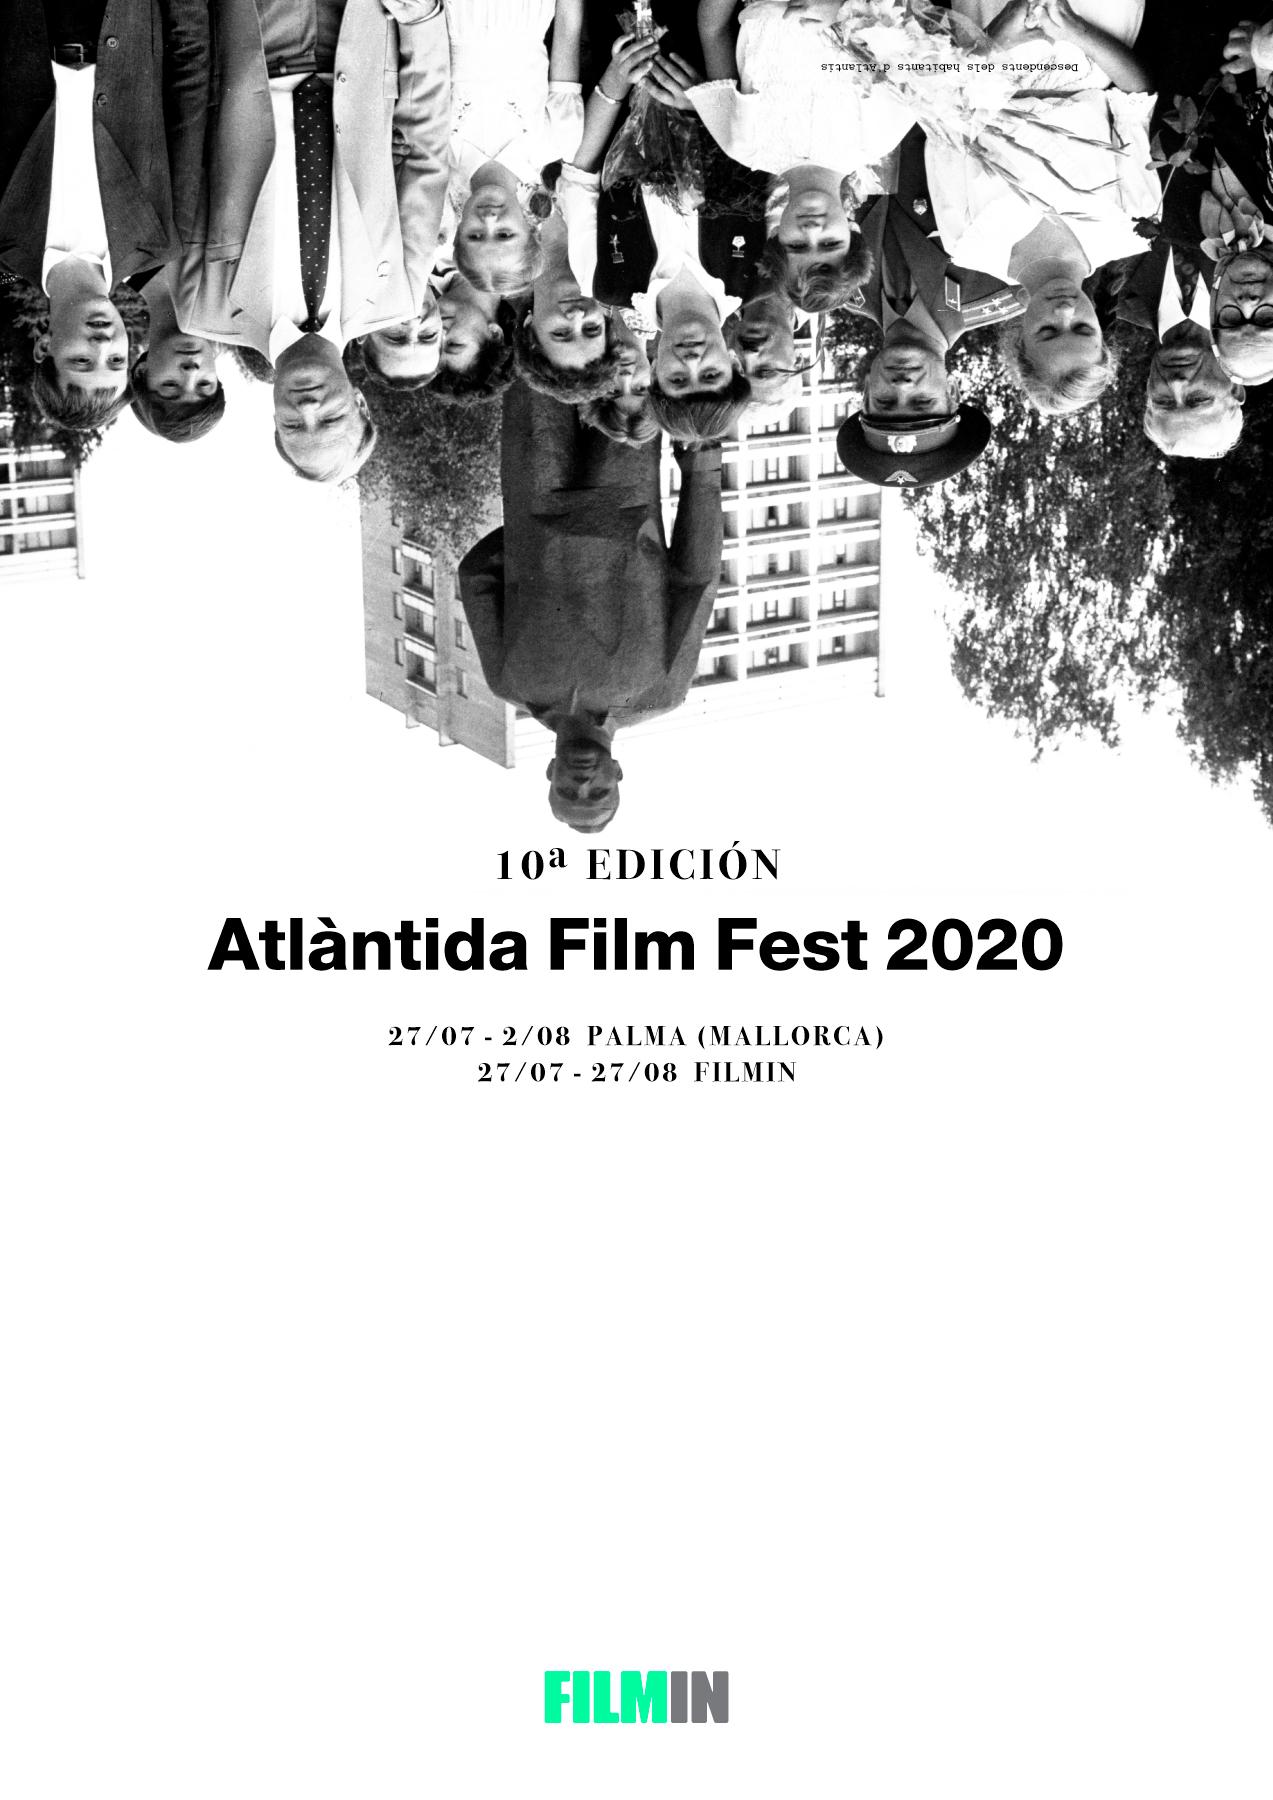 Vive el cine con la nueva edición del Atlántida Film Fest